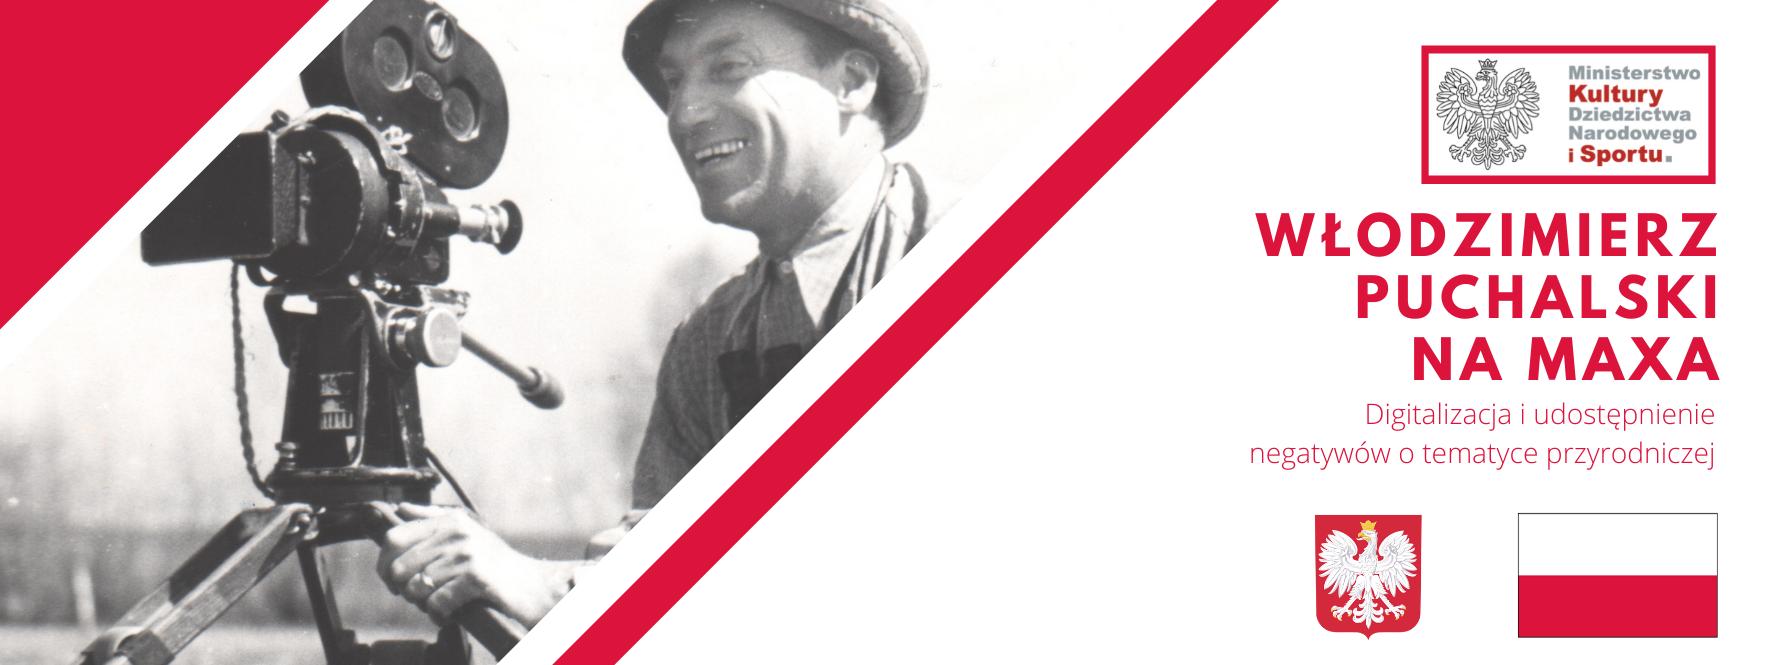 Informacja o projekcie ministerialnym Włodzimierz Puchalski na maxa. Na banerze widać Włodzimierza Puchalskiego przy kamerze oraz logotyp ministerstwa kultury dziedzictwa narodowego i sportu